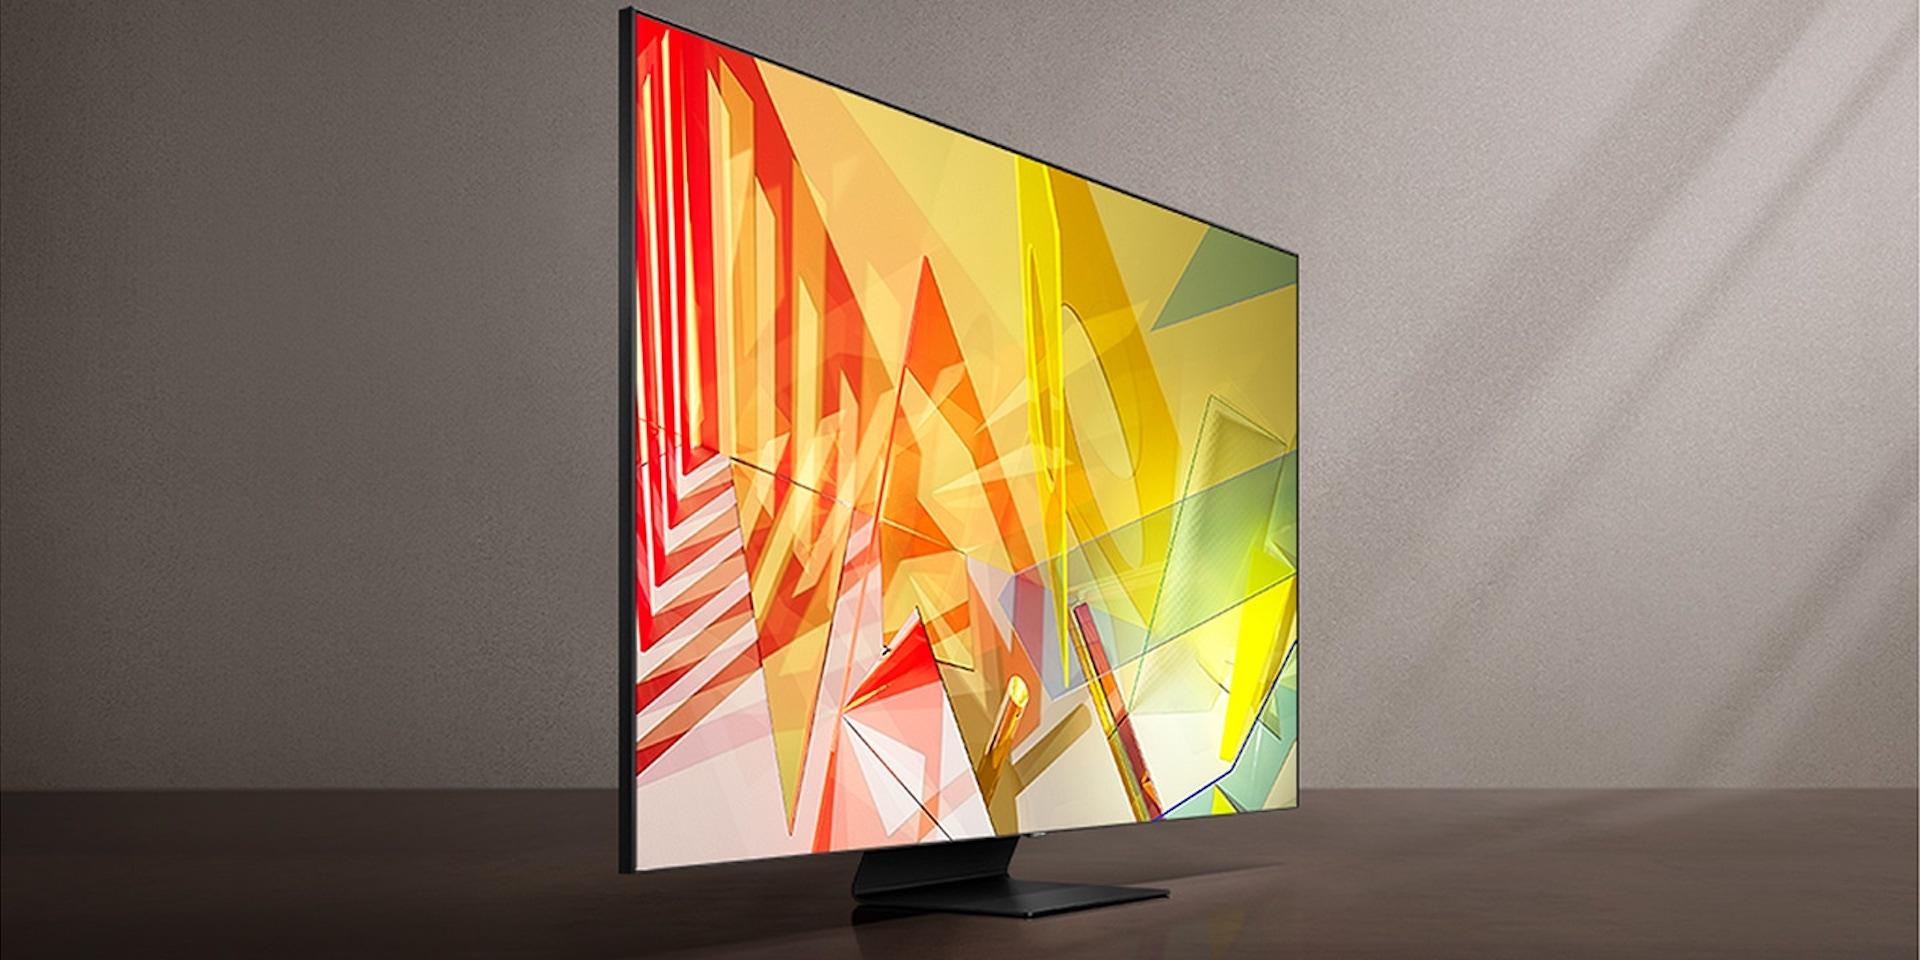 Test du téléviseur Samsung QLED Q95T : paré pour la PS5 et la Xbox Series X